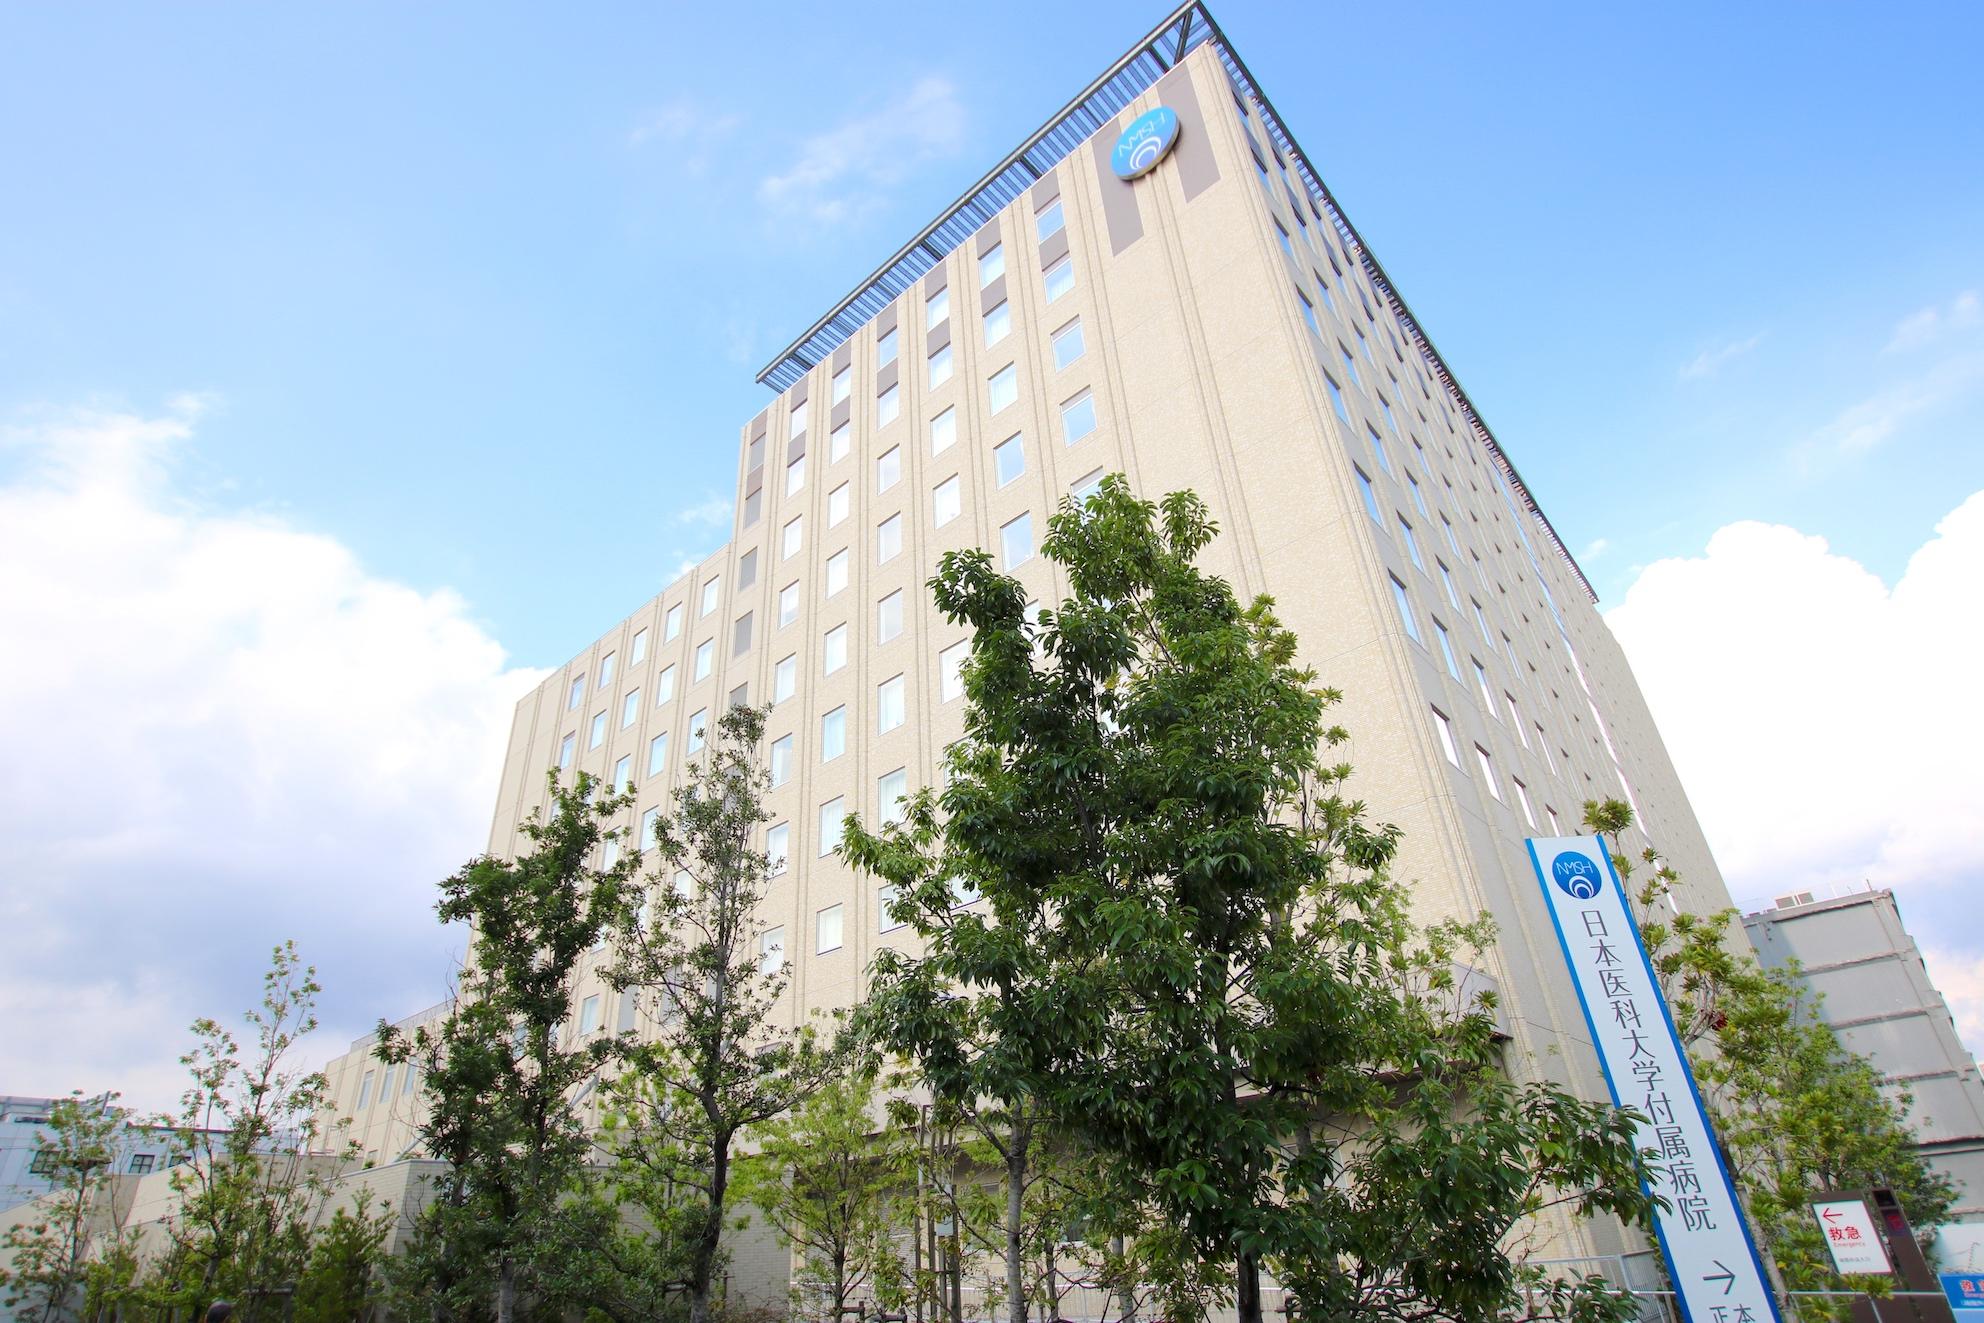 日本医科大学付属病院でベッドメイキングの仕事